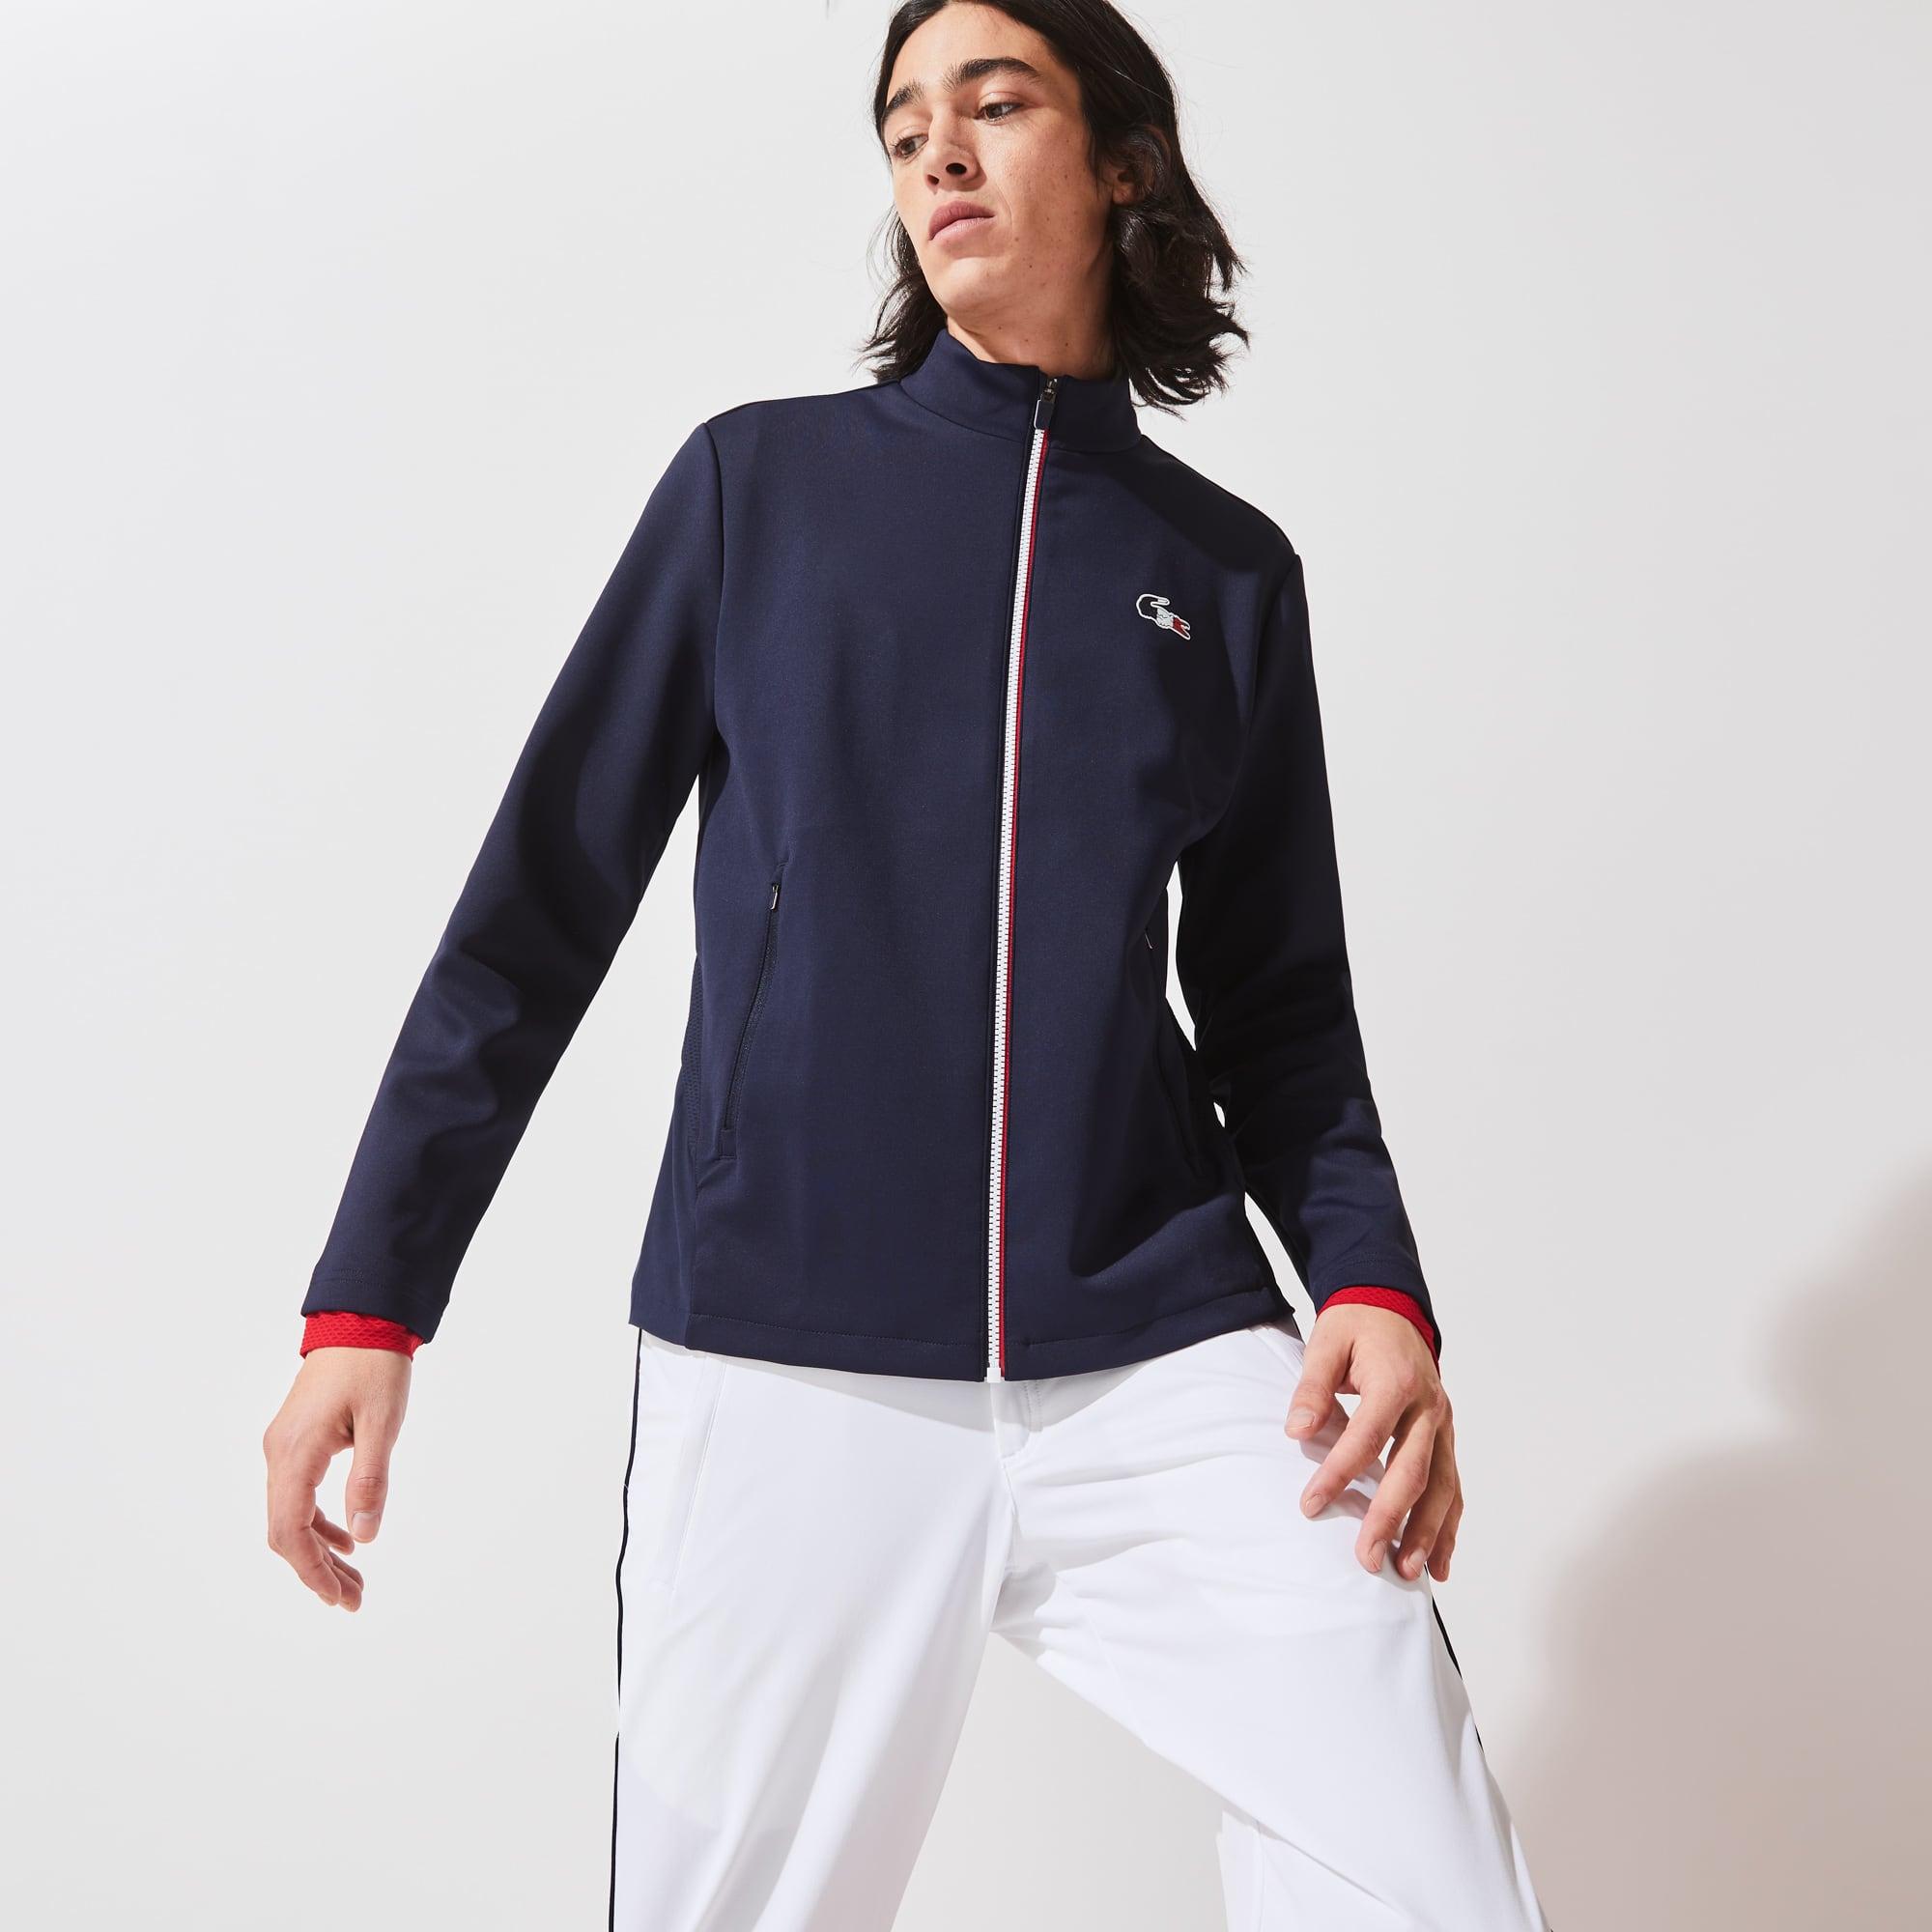 라코스테 맨 스포츠 자켓 Lacoste Mens SPORT French Sporting Spirit Edition Bi-Material Zippered Jacket,Navy Blue / White / Red LAW